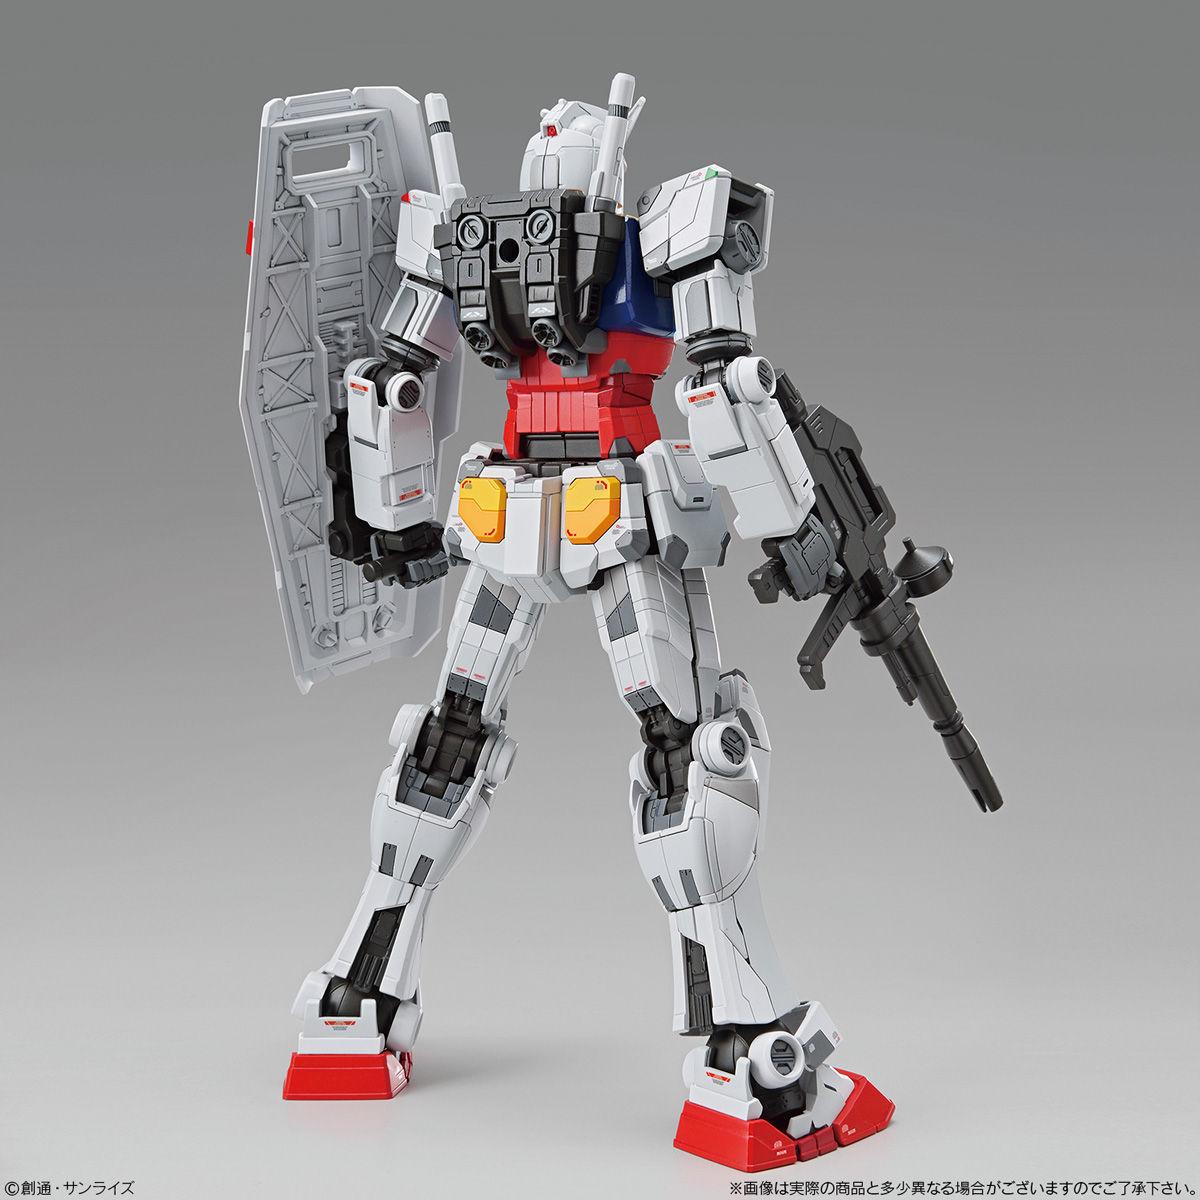 【先行販売】GUNDAM FACTORY YOKOHAMA『RX-78F00 ガンダム』1/100 プラモデル-003